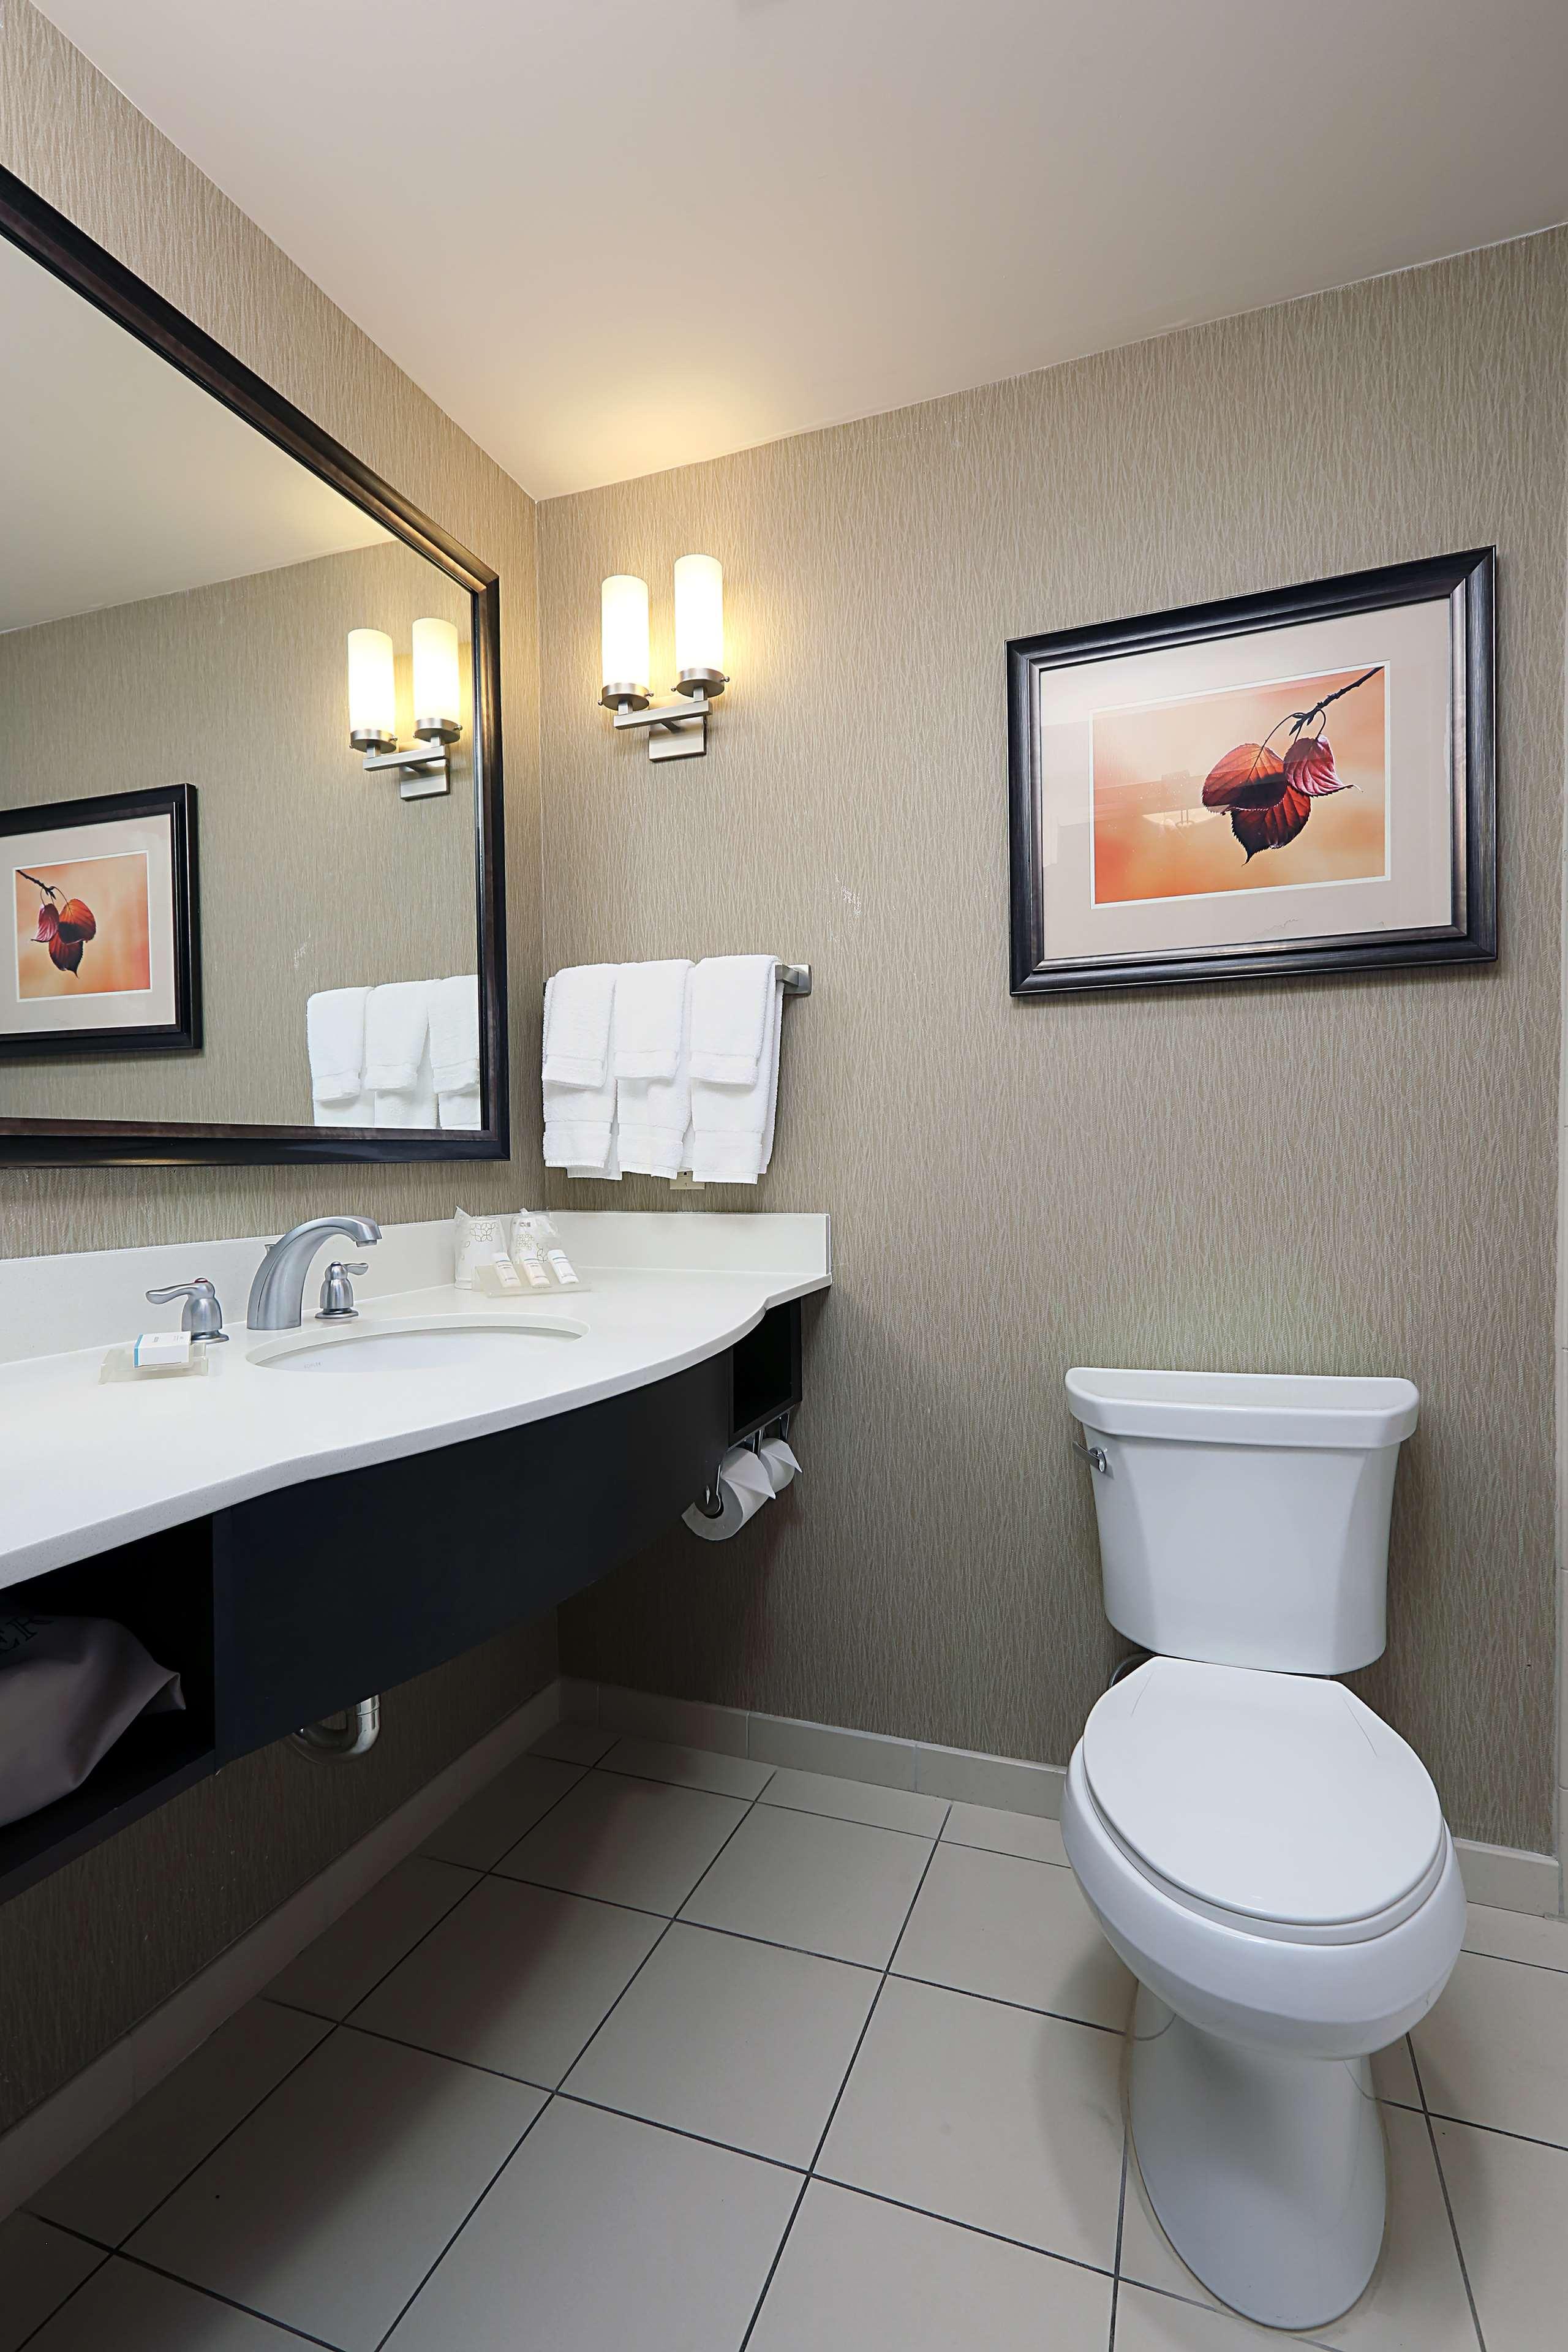 Hilton Garden Inn Clifton Park image 13